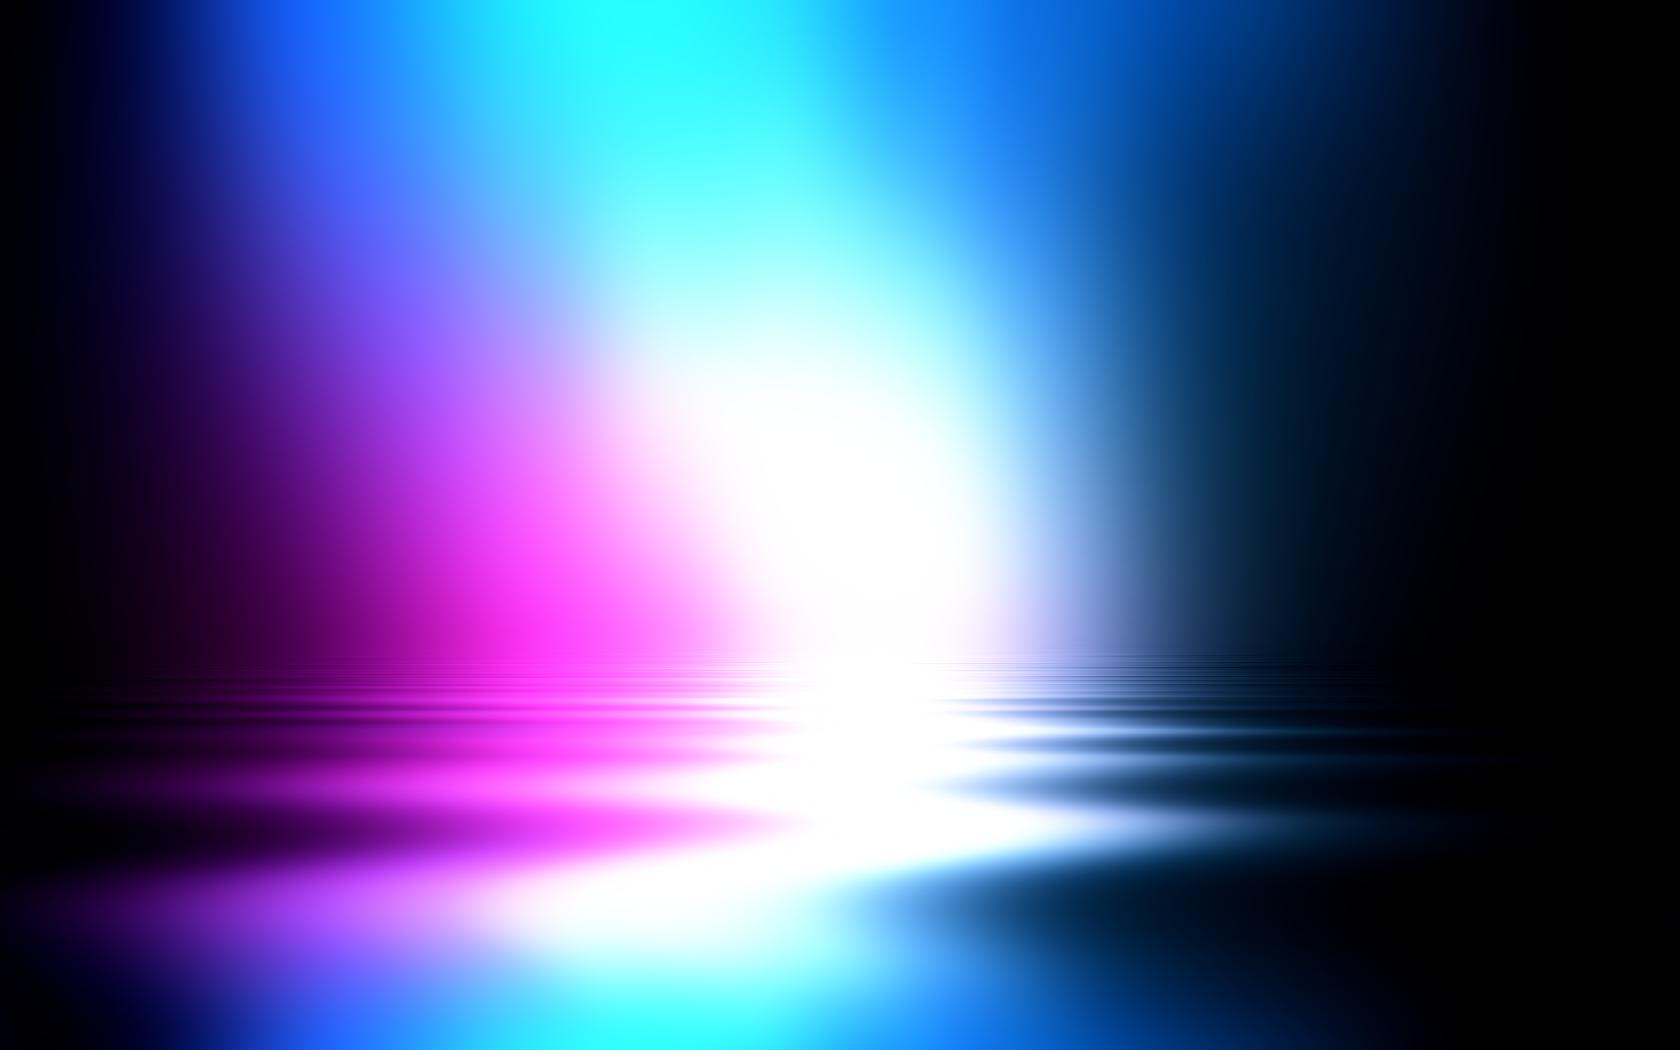 Abstract Light Ambient Wallpaper Wide   1680x1050 iWallHD   Wallpaper 1680x1050